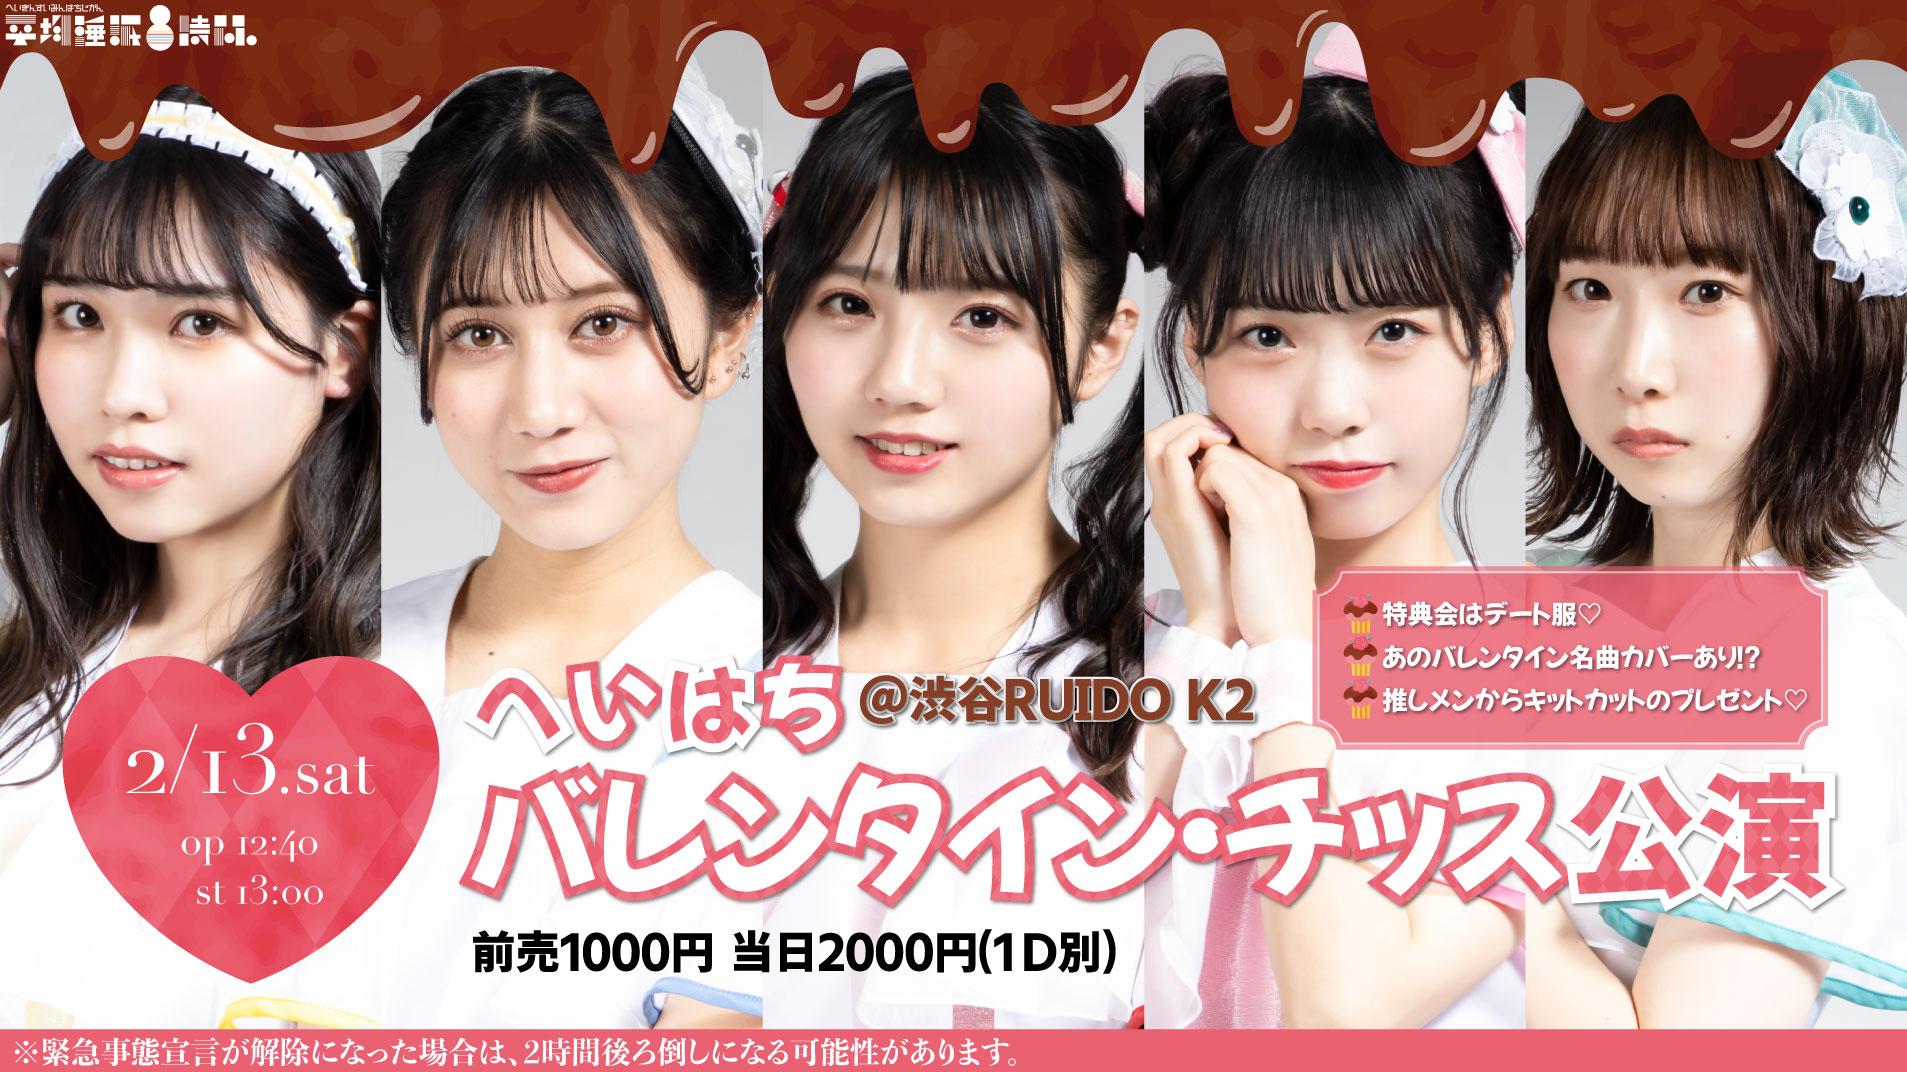 2/13(土) へいはちバレンタイン・チッス公演